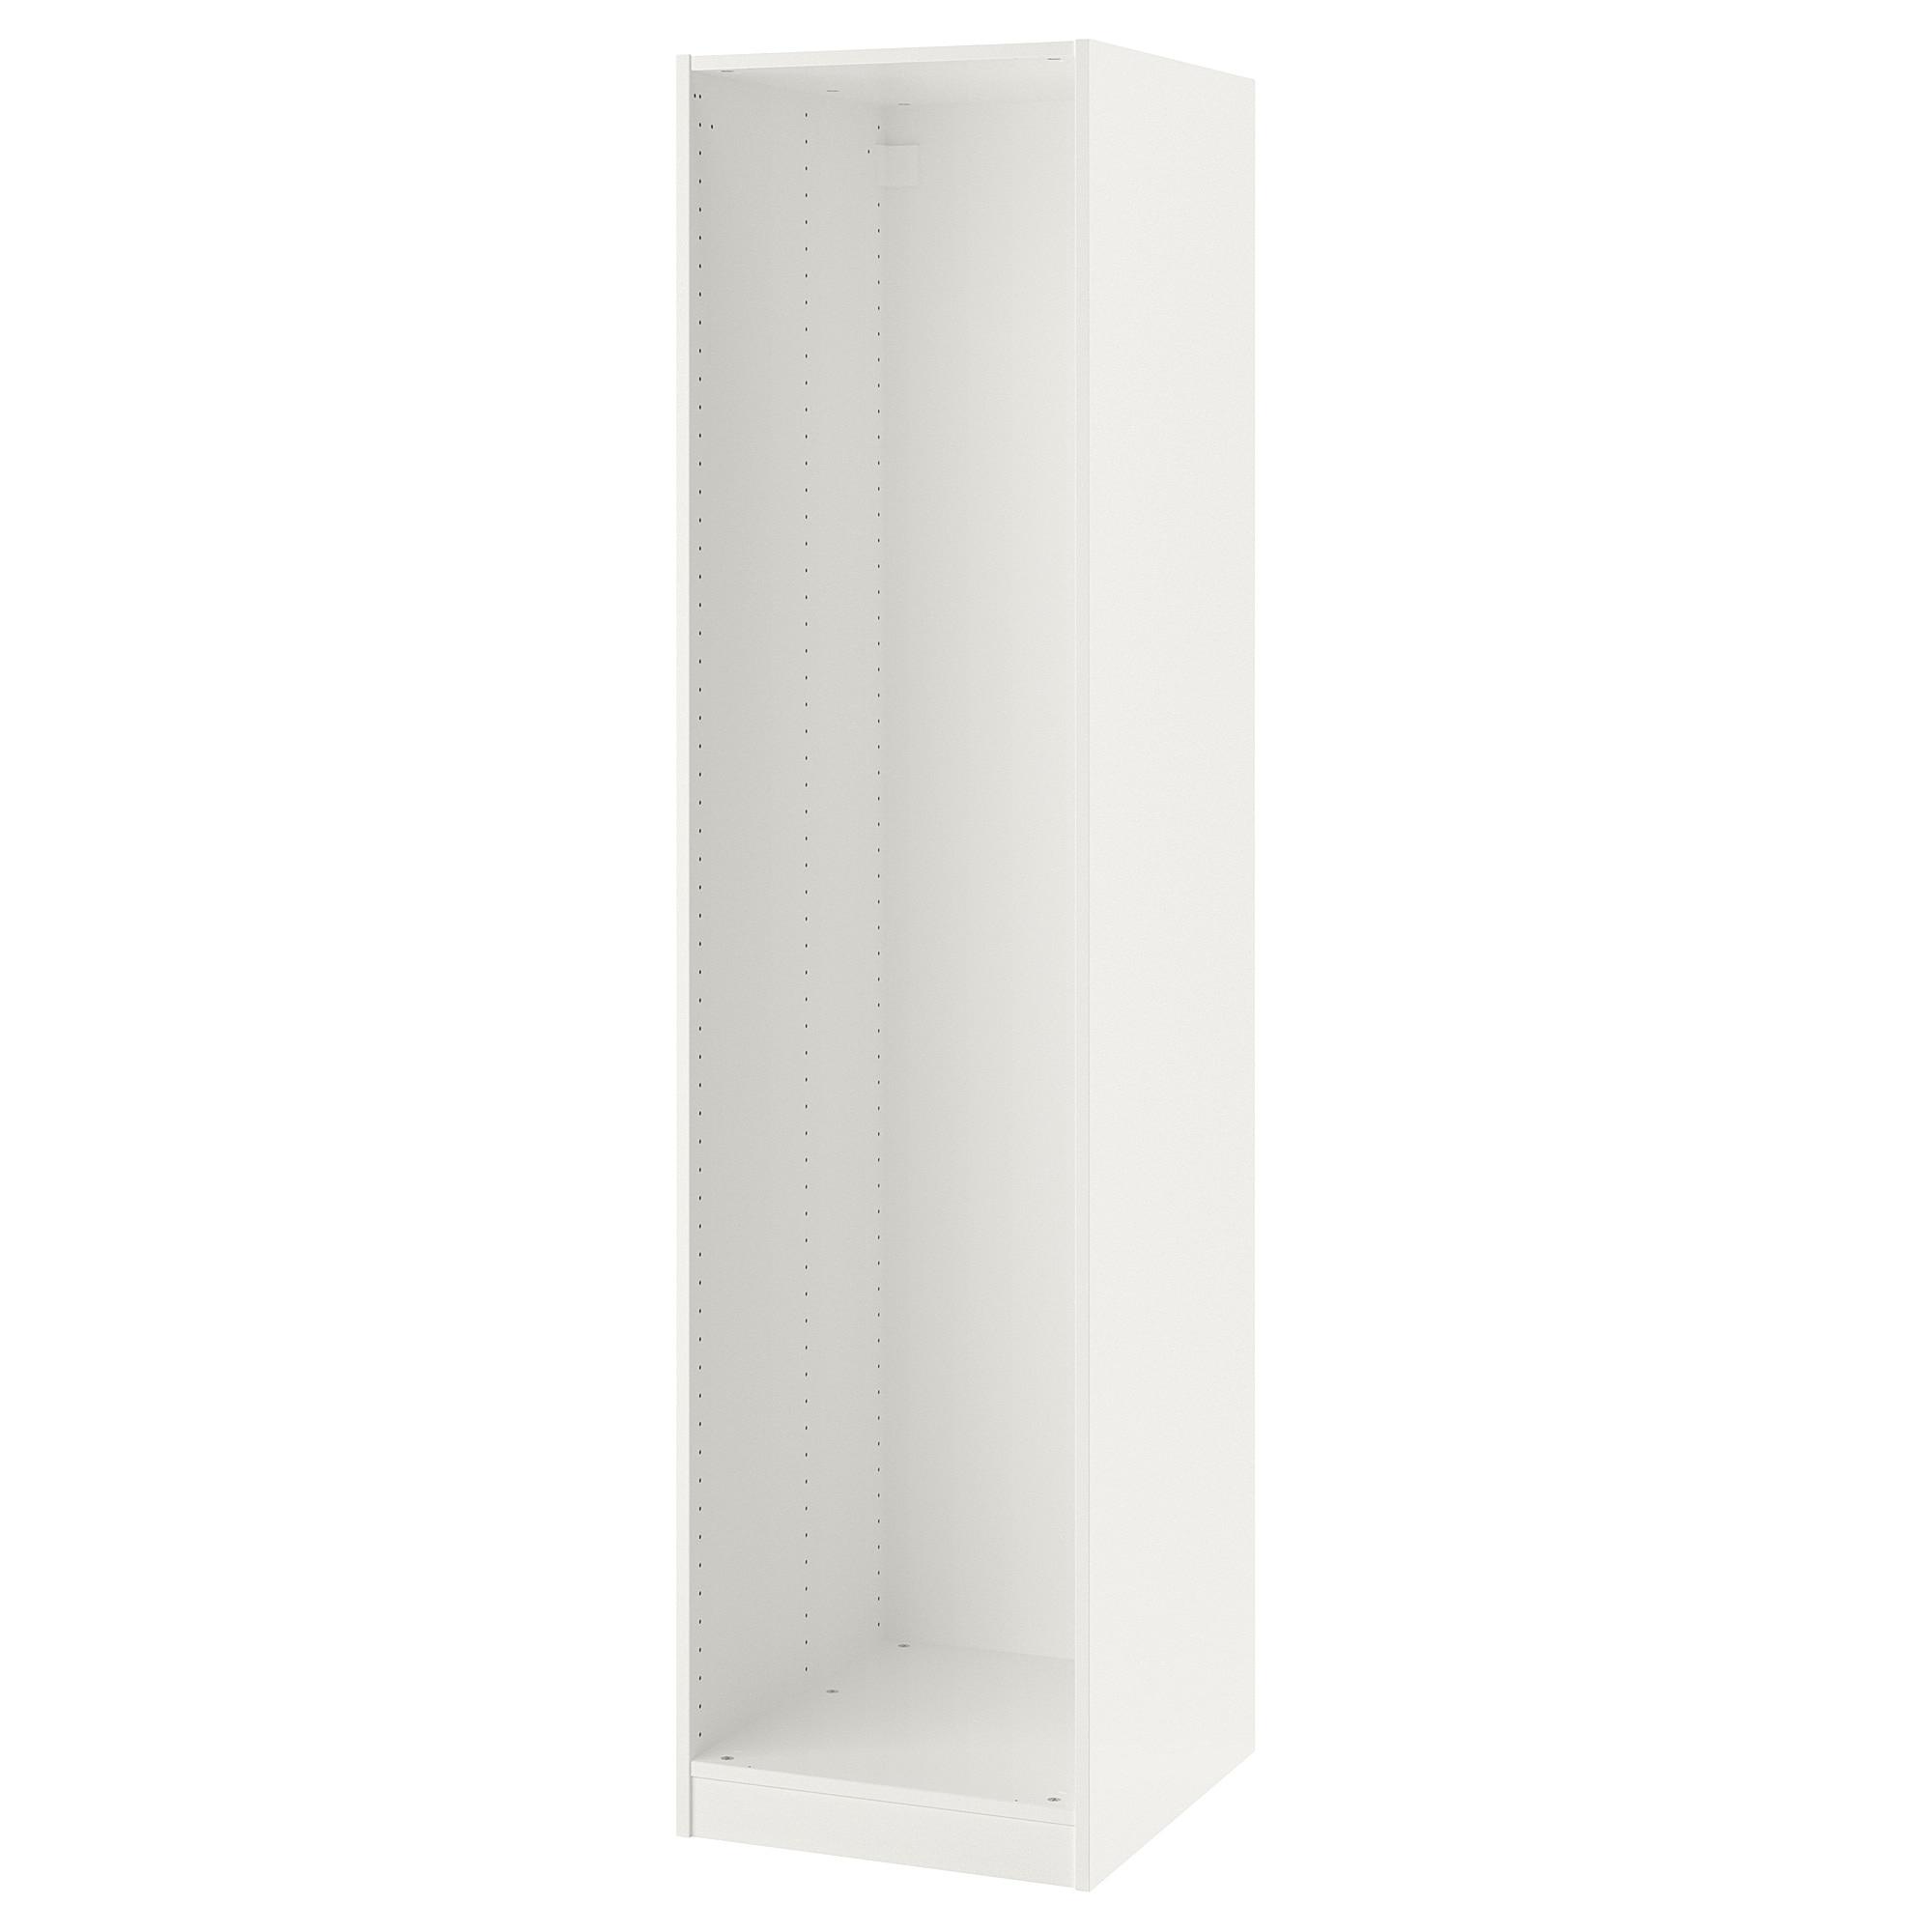 Pax Caisson D'Armoire, Blanc, 50X58X201 Cm - Ikea pour Caisson Pax Ikea 100X58X236